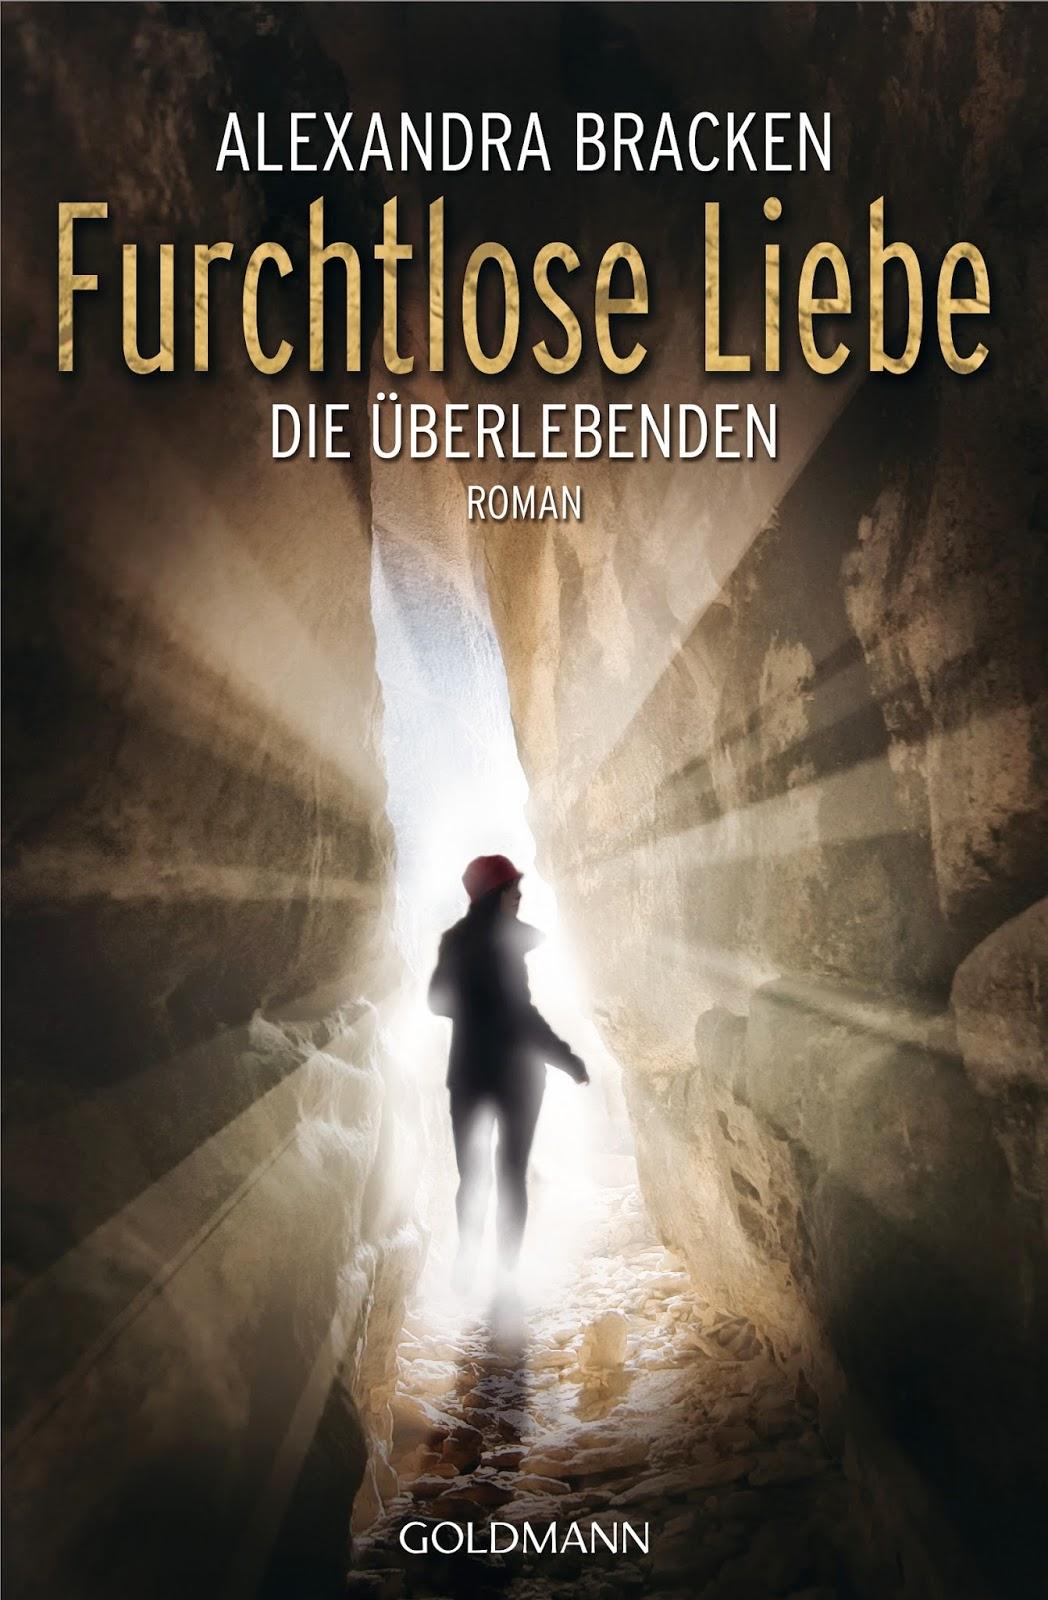 http://www.randomhouse.de/Taschenbuch/Furchtlose-Liebe-Die-UEberlebenden-2-Roman/Alexandra-Bracken/e394448.rhd